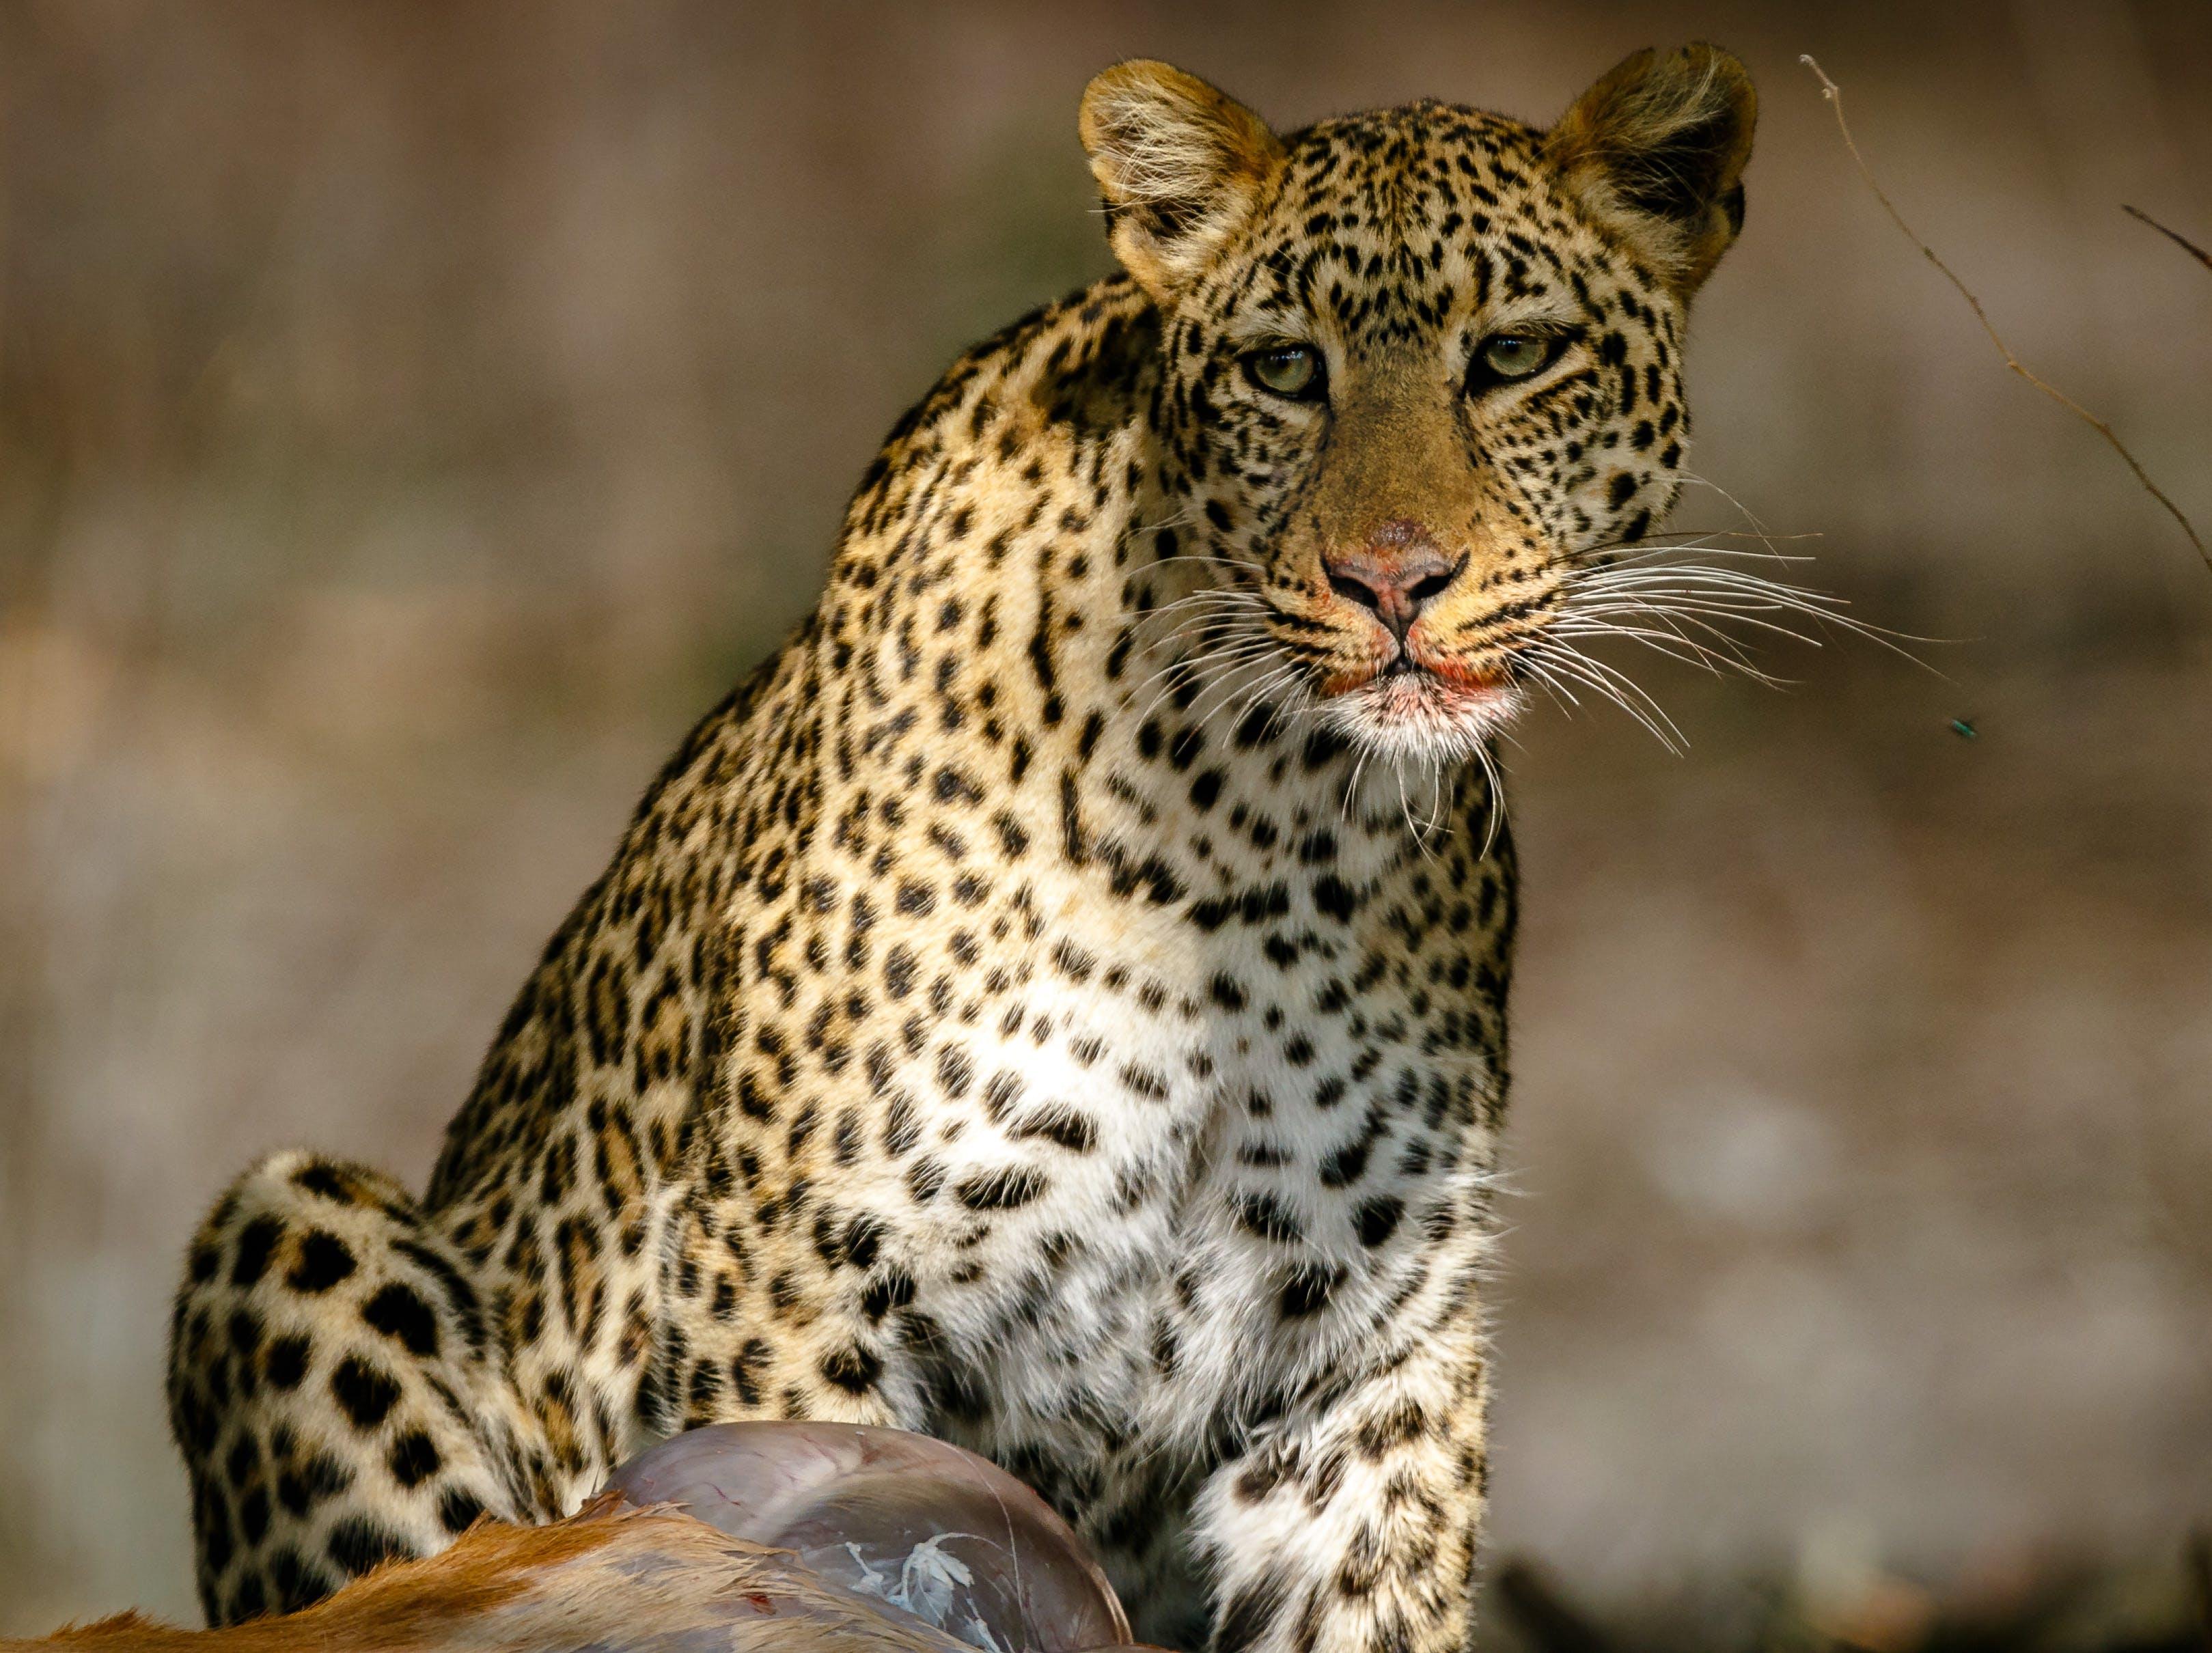 Δωρεάν στοκ φωτογραφιών με Αφρική, Ζάμπια, κυνήγι, λεοπάρδαλη